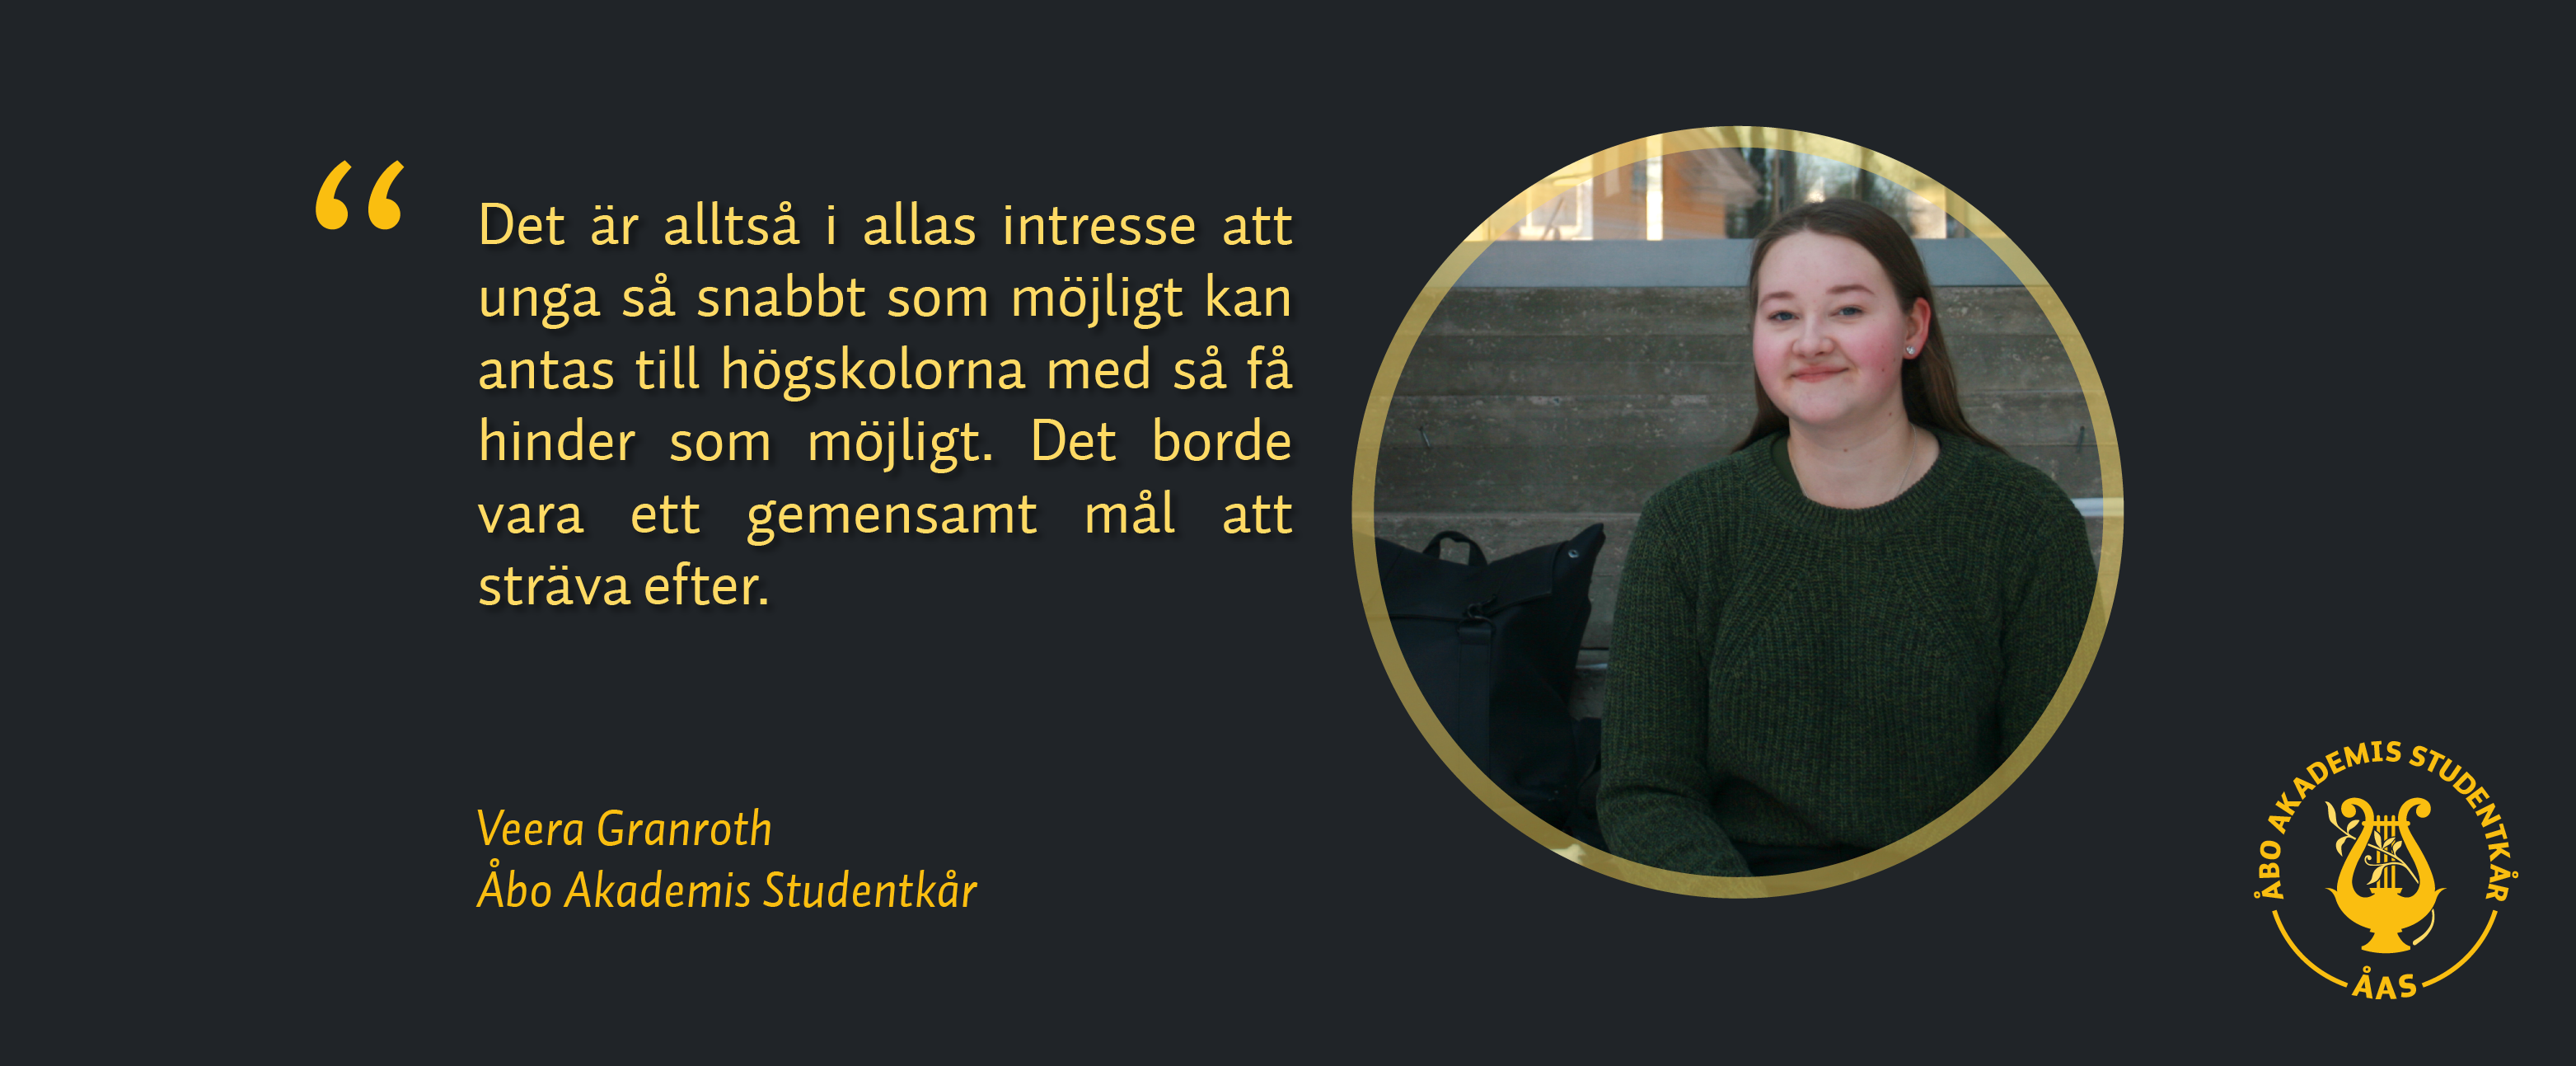 En citat från bloggtexten samt bild på skribenten Veera Granroth. Hon sitter på trappan utomhus, tittar mot kameran och ler.